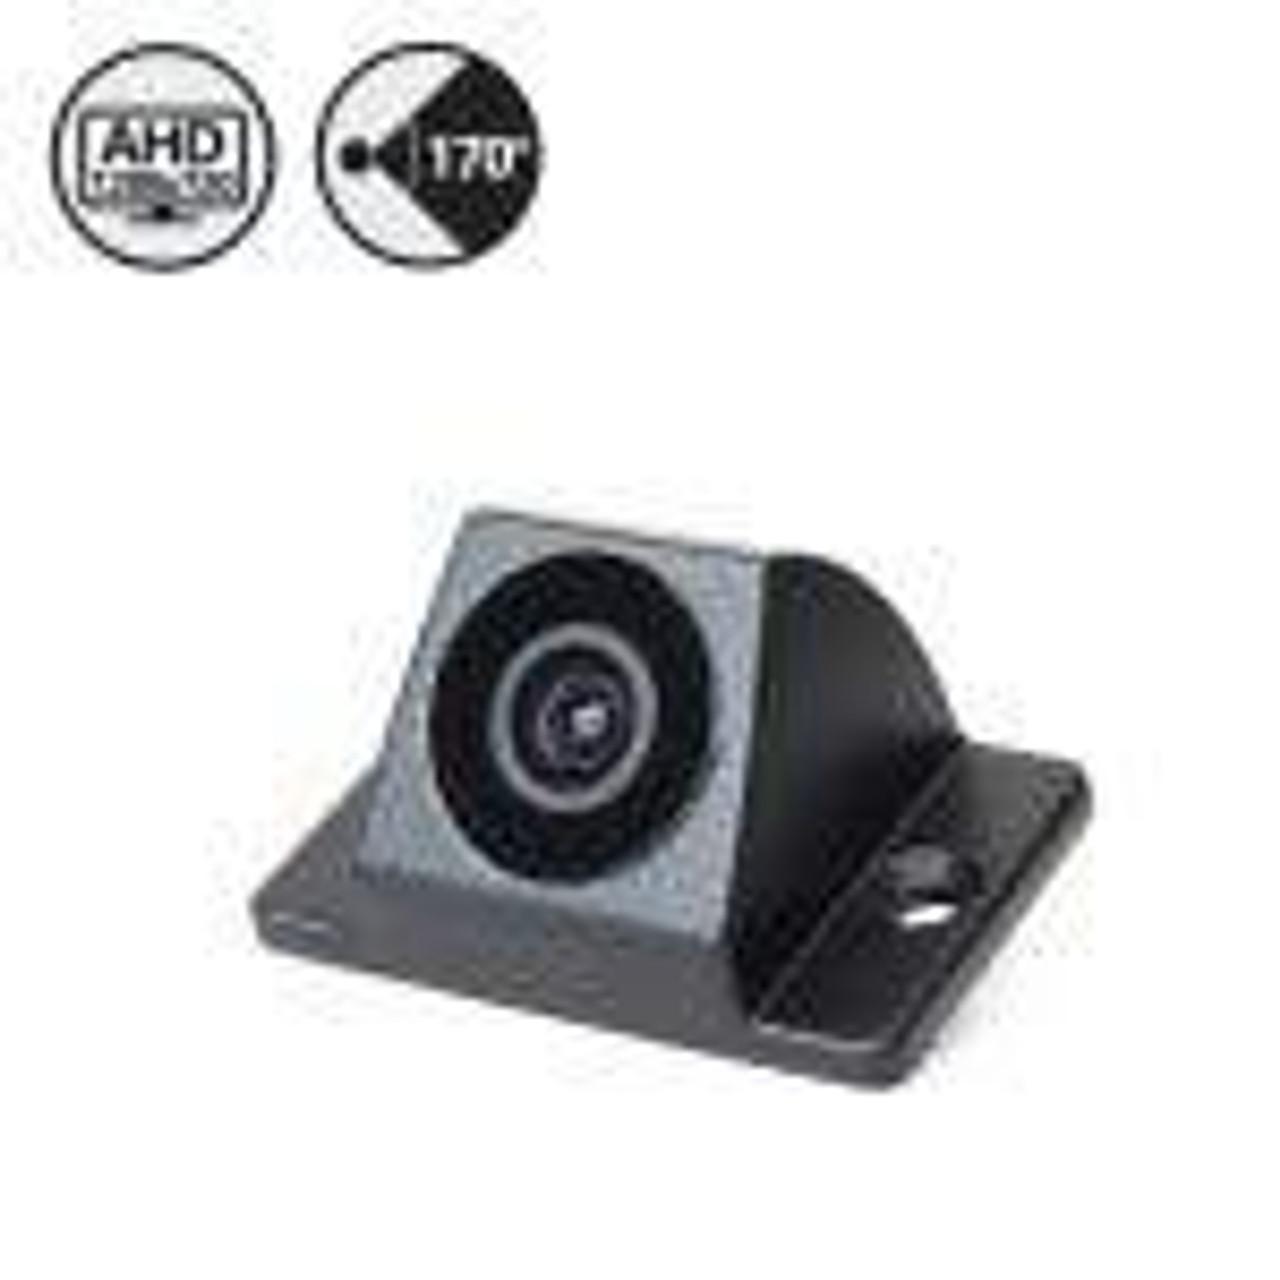 Analog HD Surface Mount Backup Camera, 33' Cable(RVS-MV3-AHD)